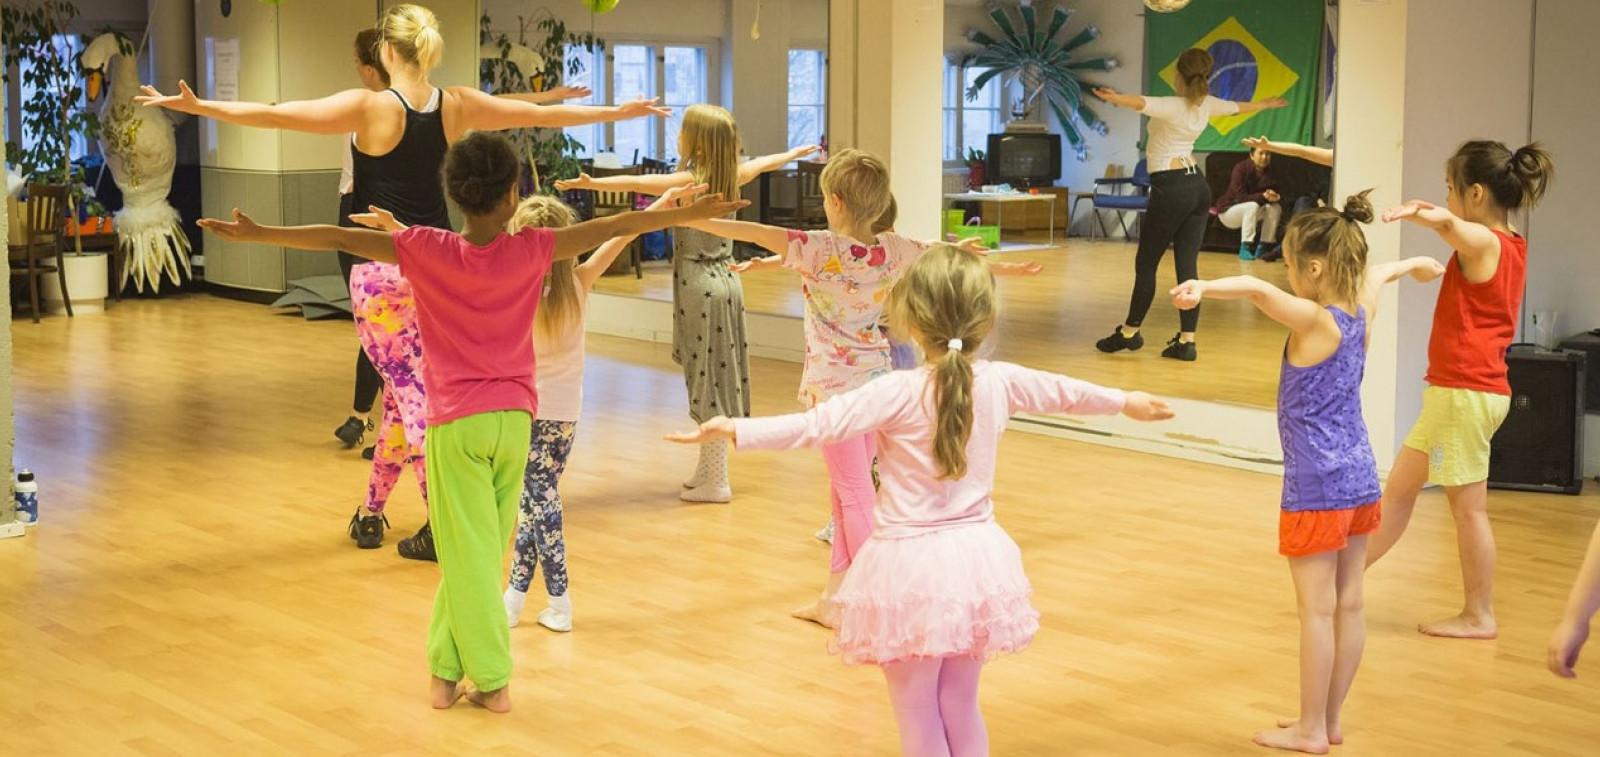 Lapset tanssivat sambaa